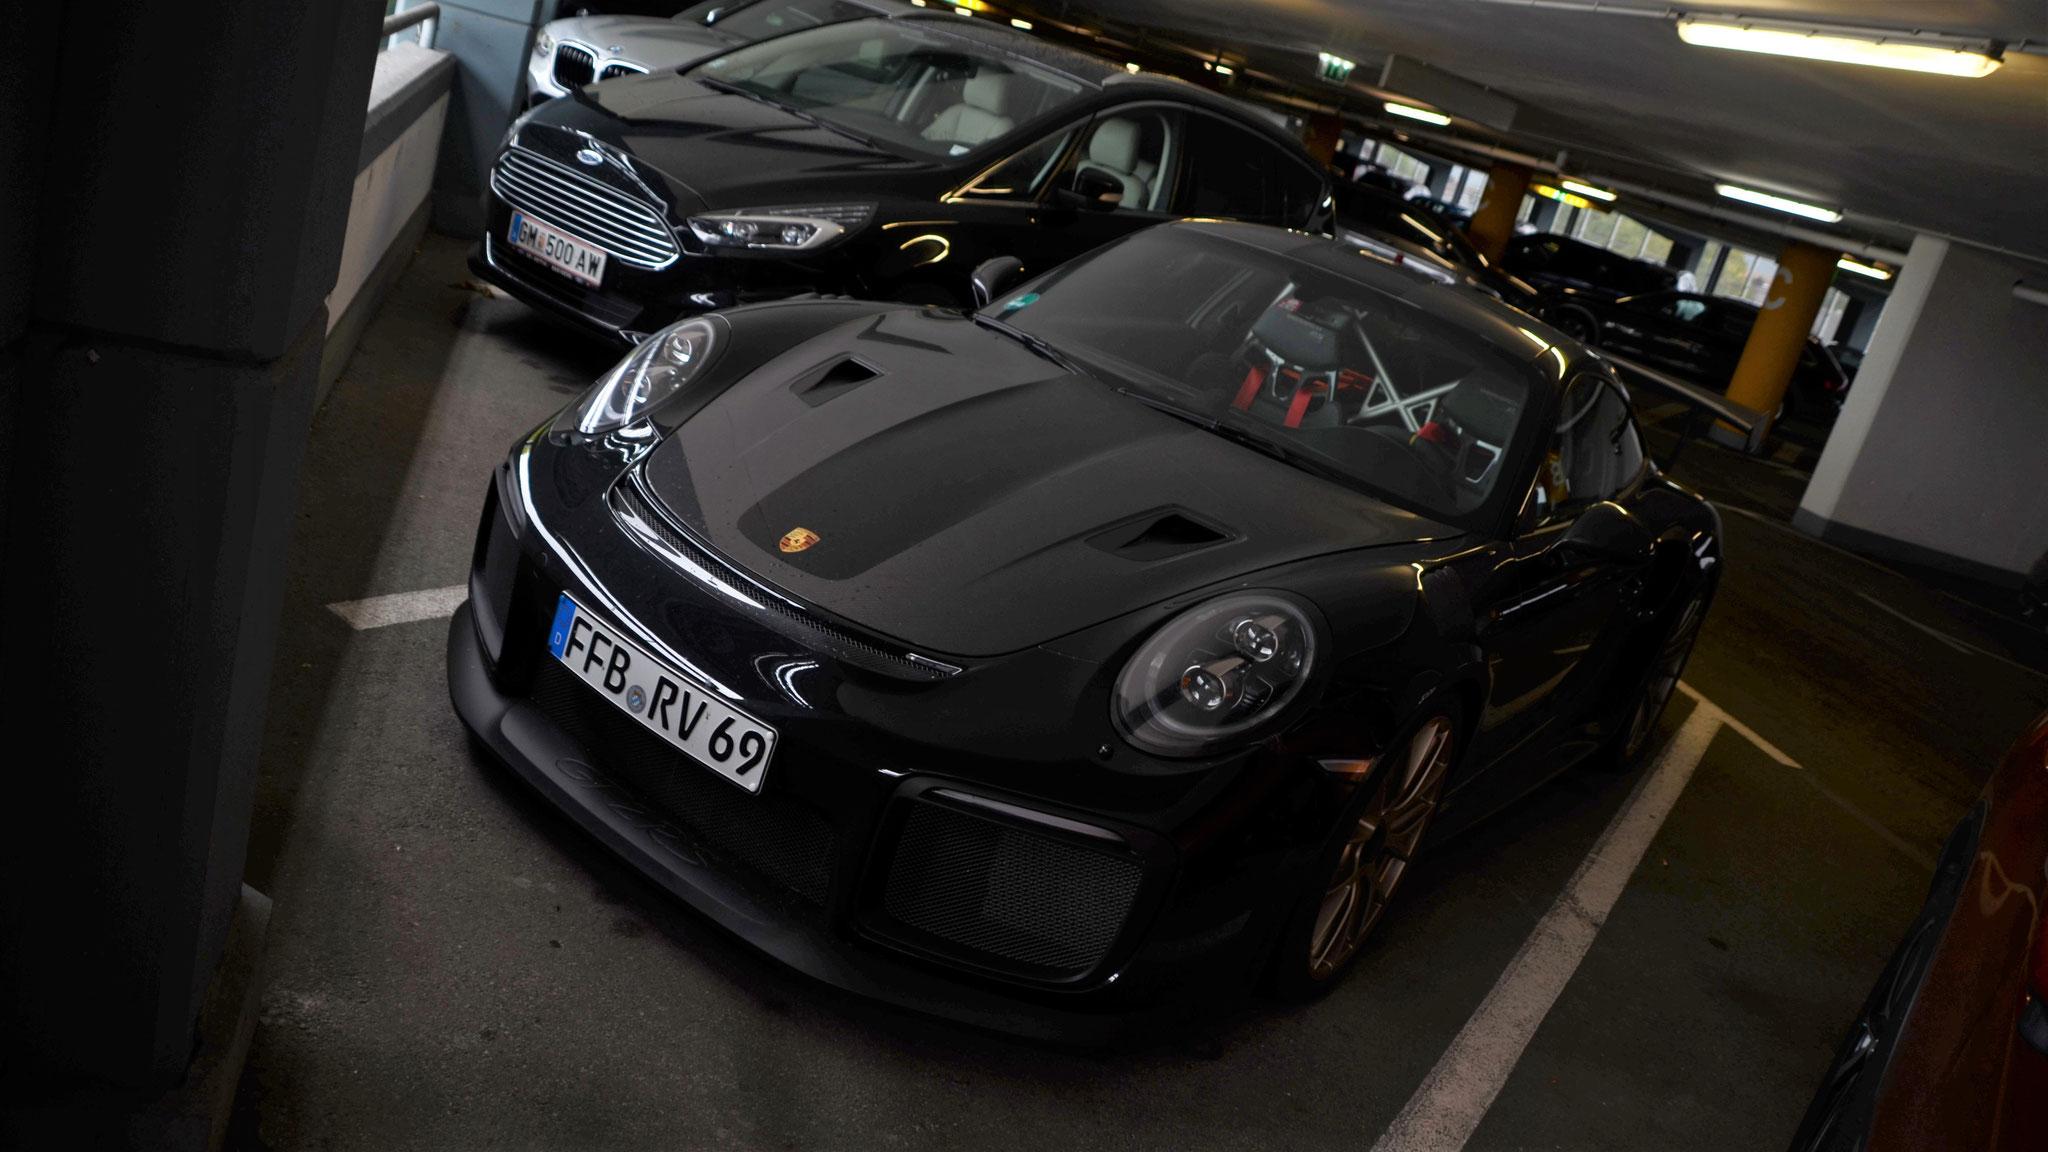 Porsche GT2 RS - FFB-RV-69